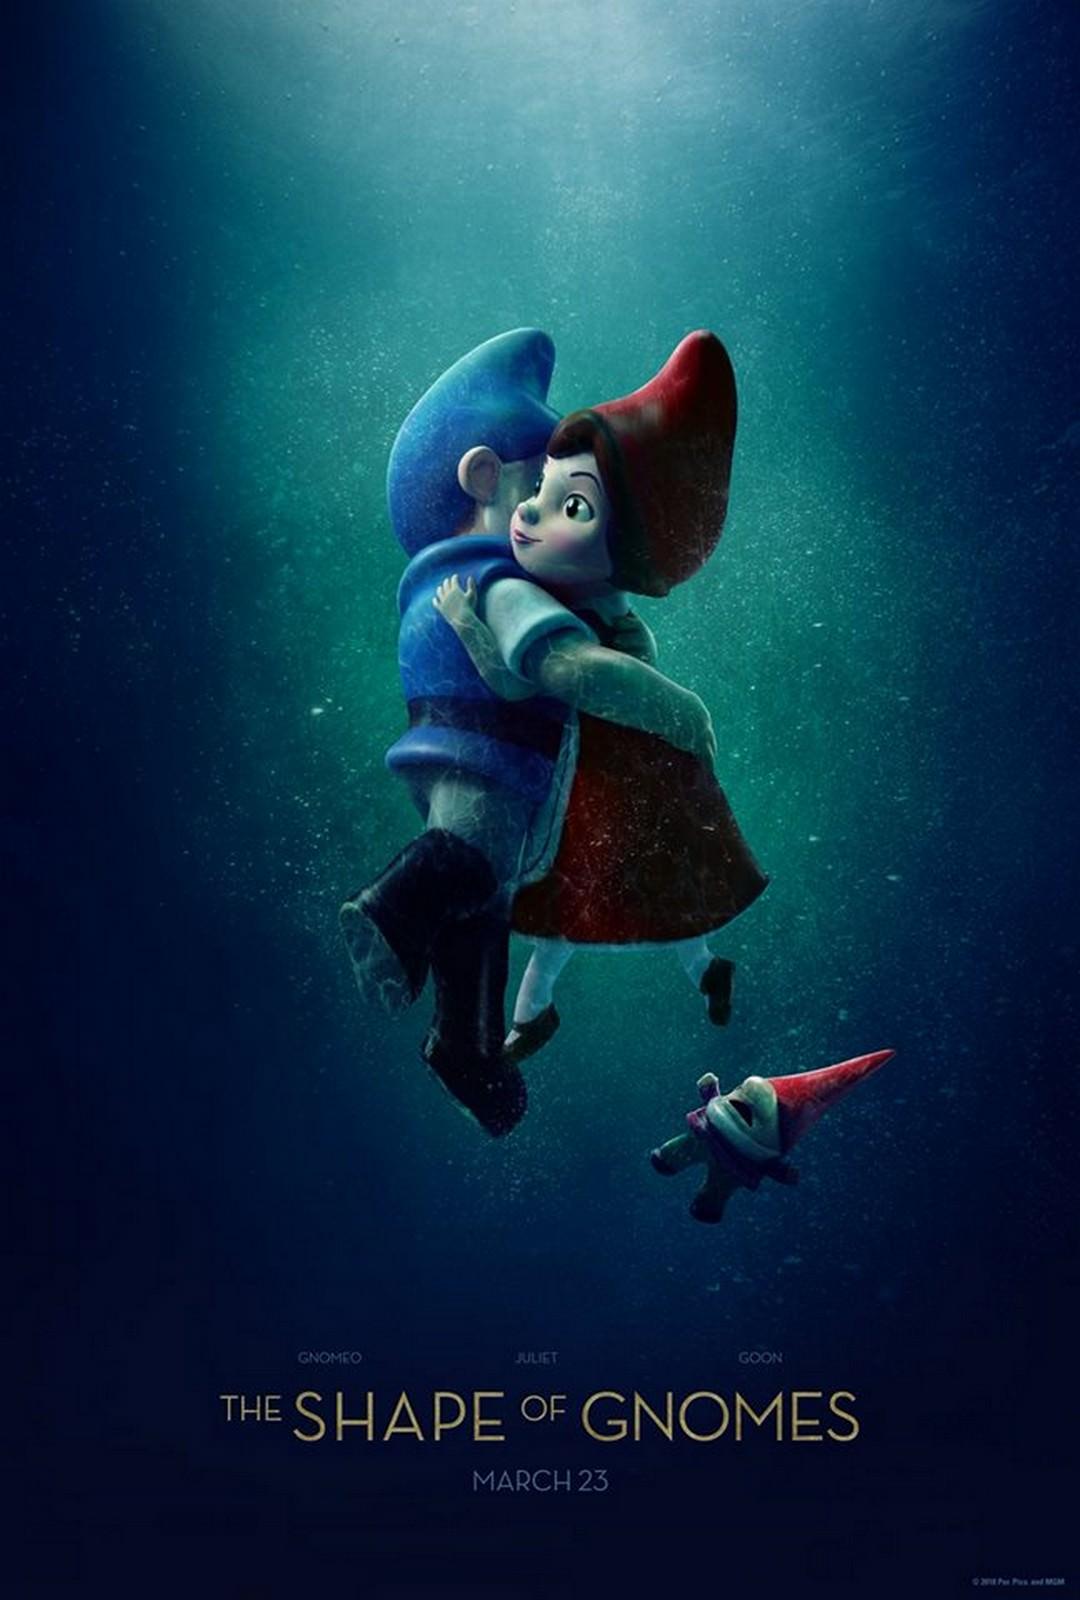 Movie, Sherlock Gnomes(英國.美國) / 糯爾摩斯(台) / 神探福爾摩侏(港) / 吉诺密欧与朱丽叶2:夏洛克·糯尔摩斯(網), 電影海報, 美國, 致敬